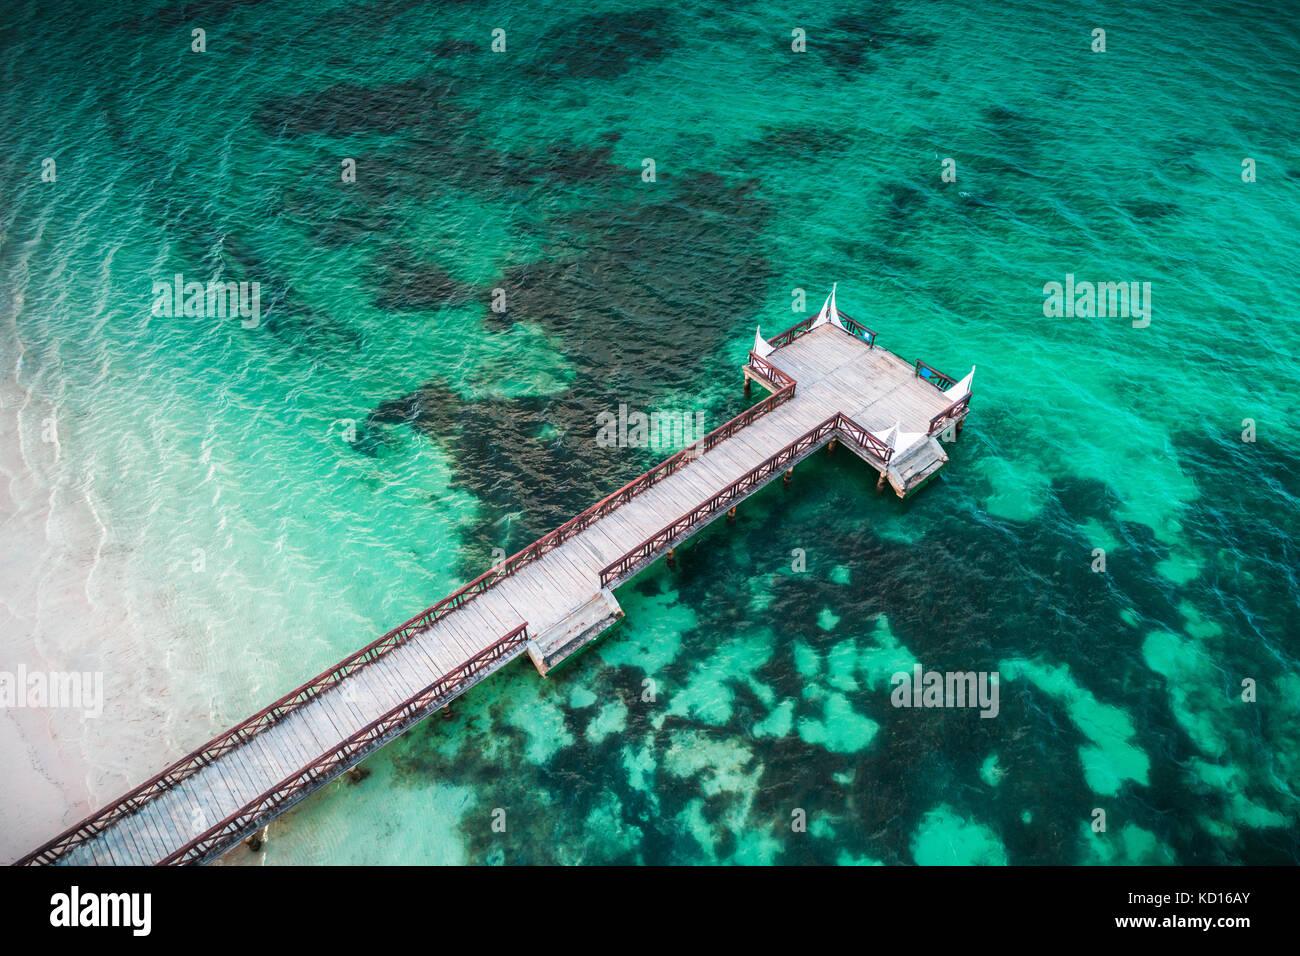 Vue aérienne de la jetée en bois tropicaux et de la mer turquoise des Caraïbes à Punta Cana, Photo Stock